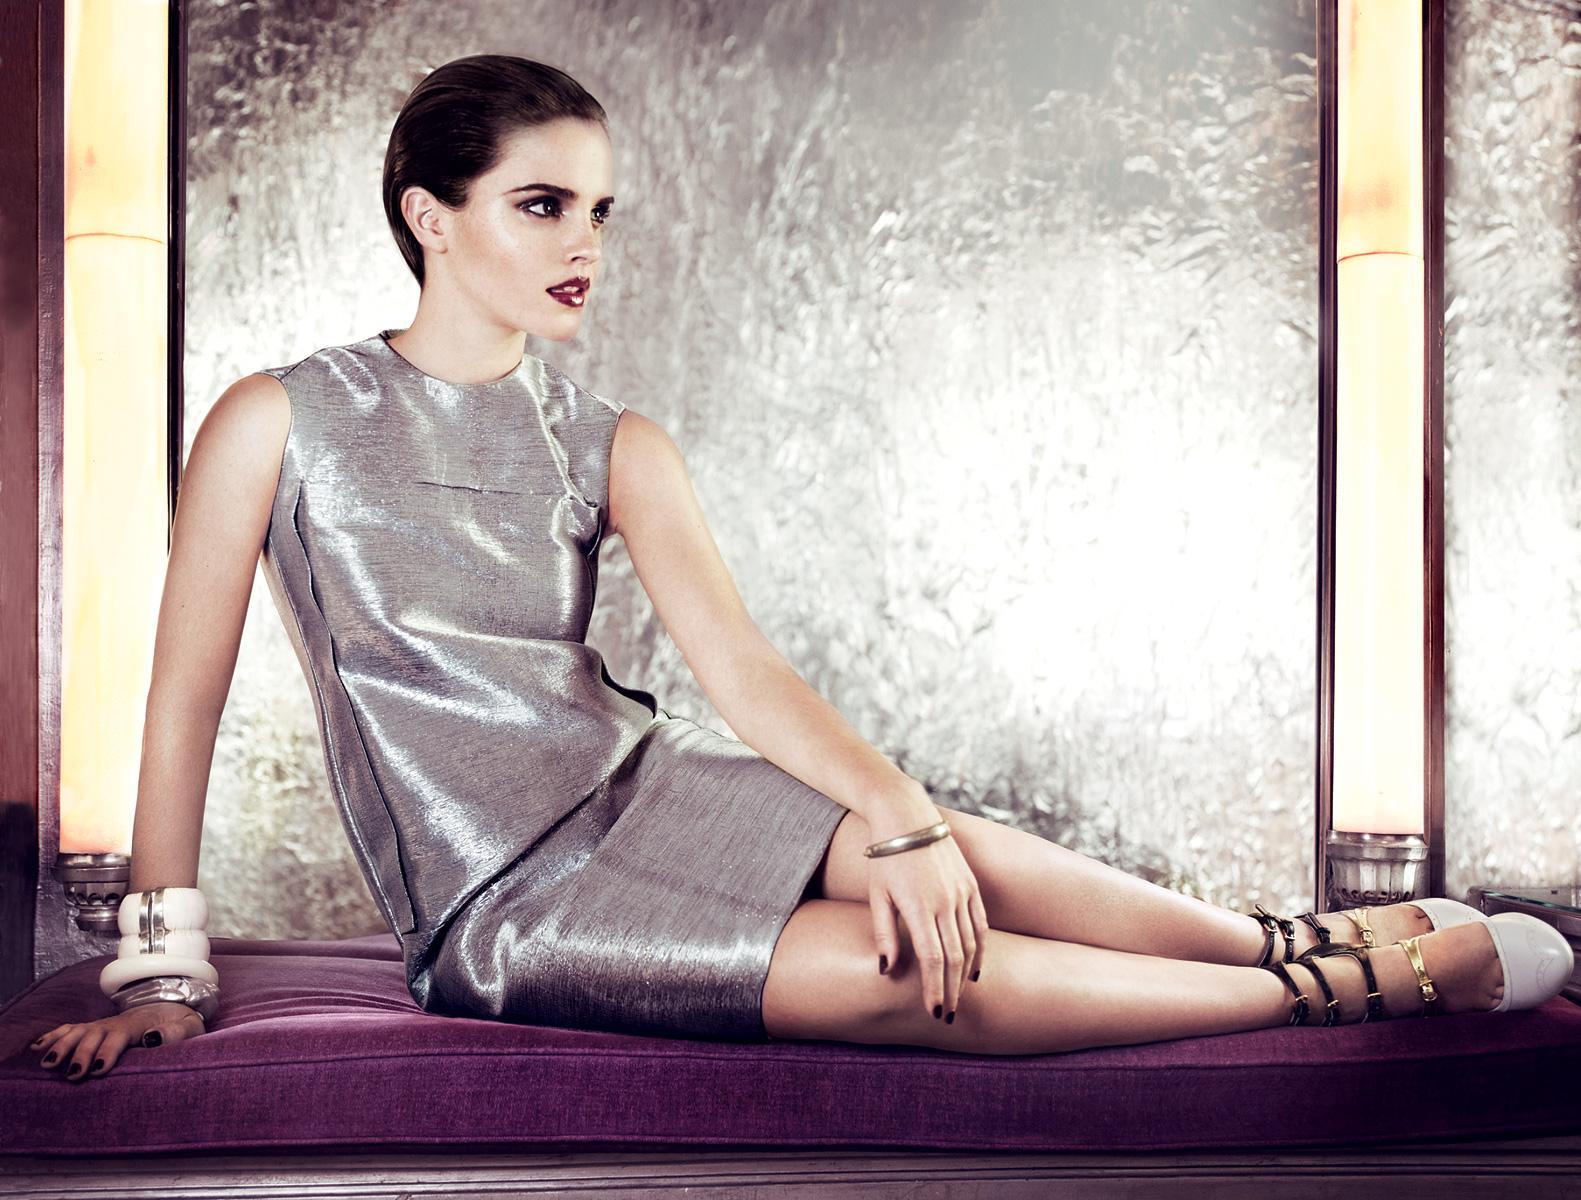 http://1.bp.blogspot.com/-d3f5EQ6H-RE/Tfcupu0qKKI/AAAAAAAAAks/milsopn7dog/s1600/Emma+Watson+Vogue+US+July+2011+6.jpg